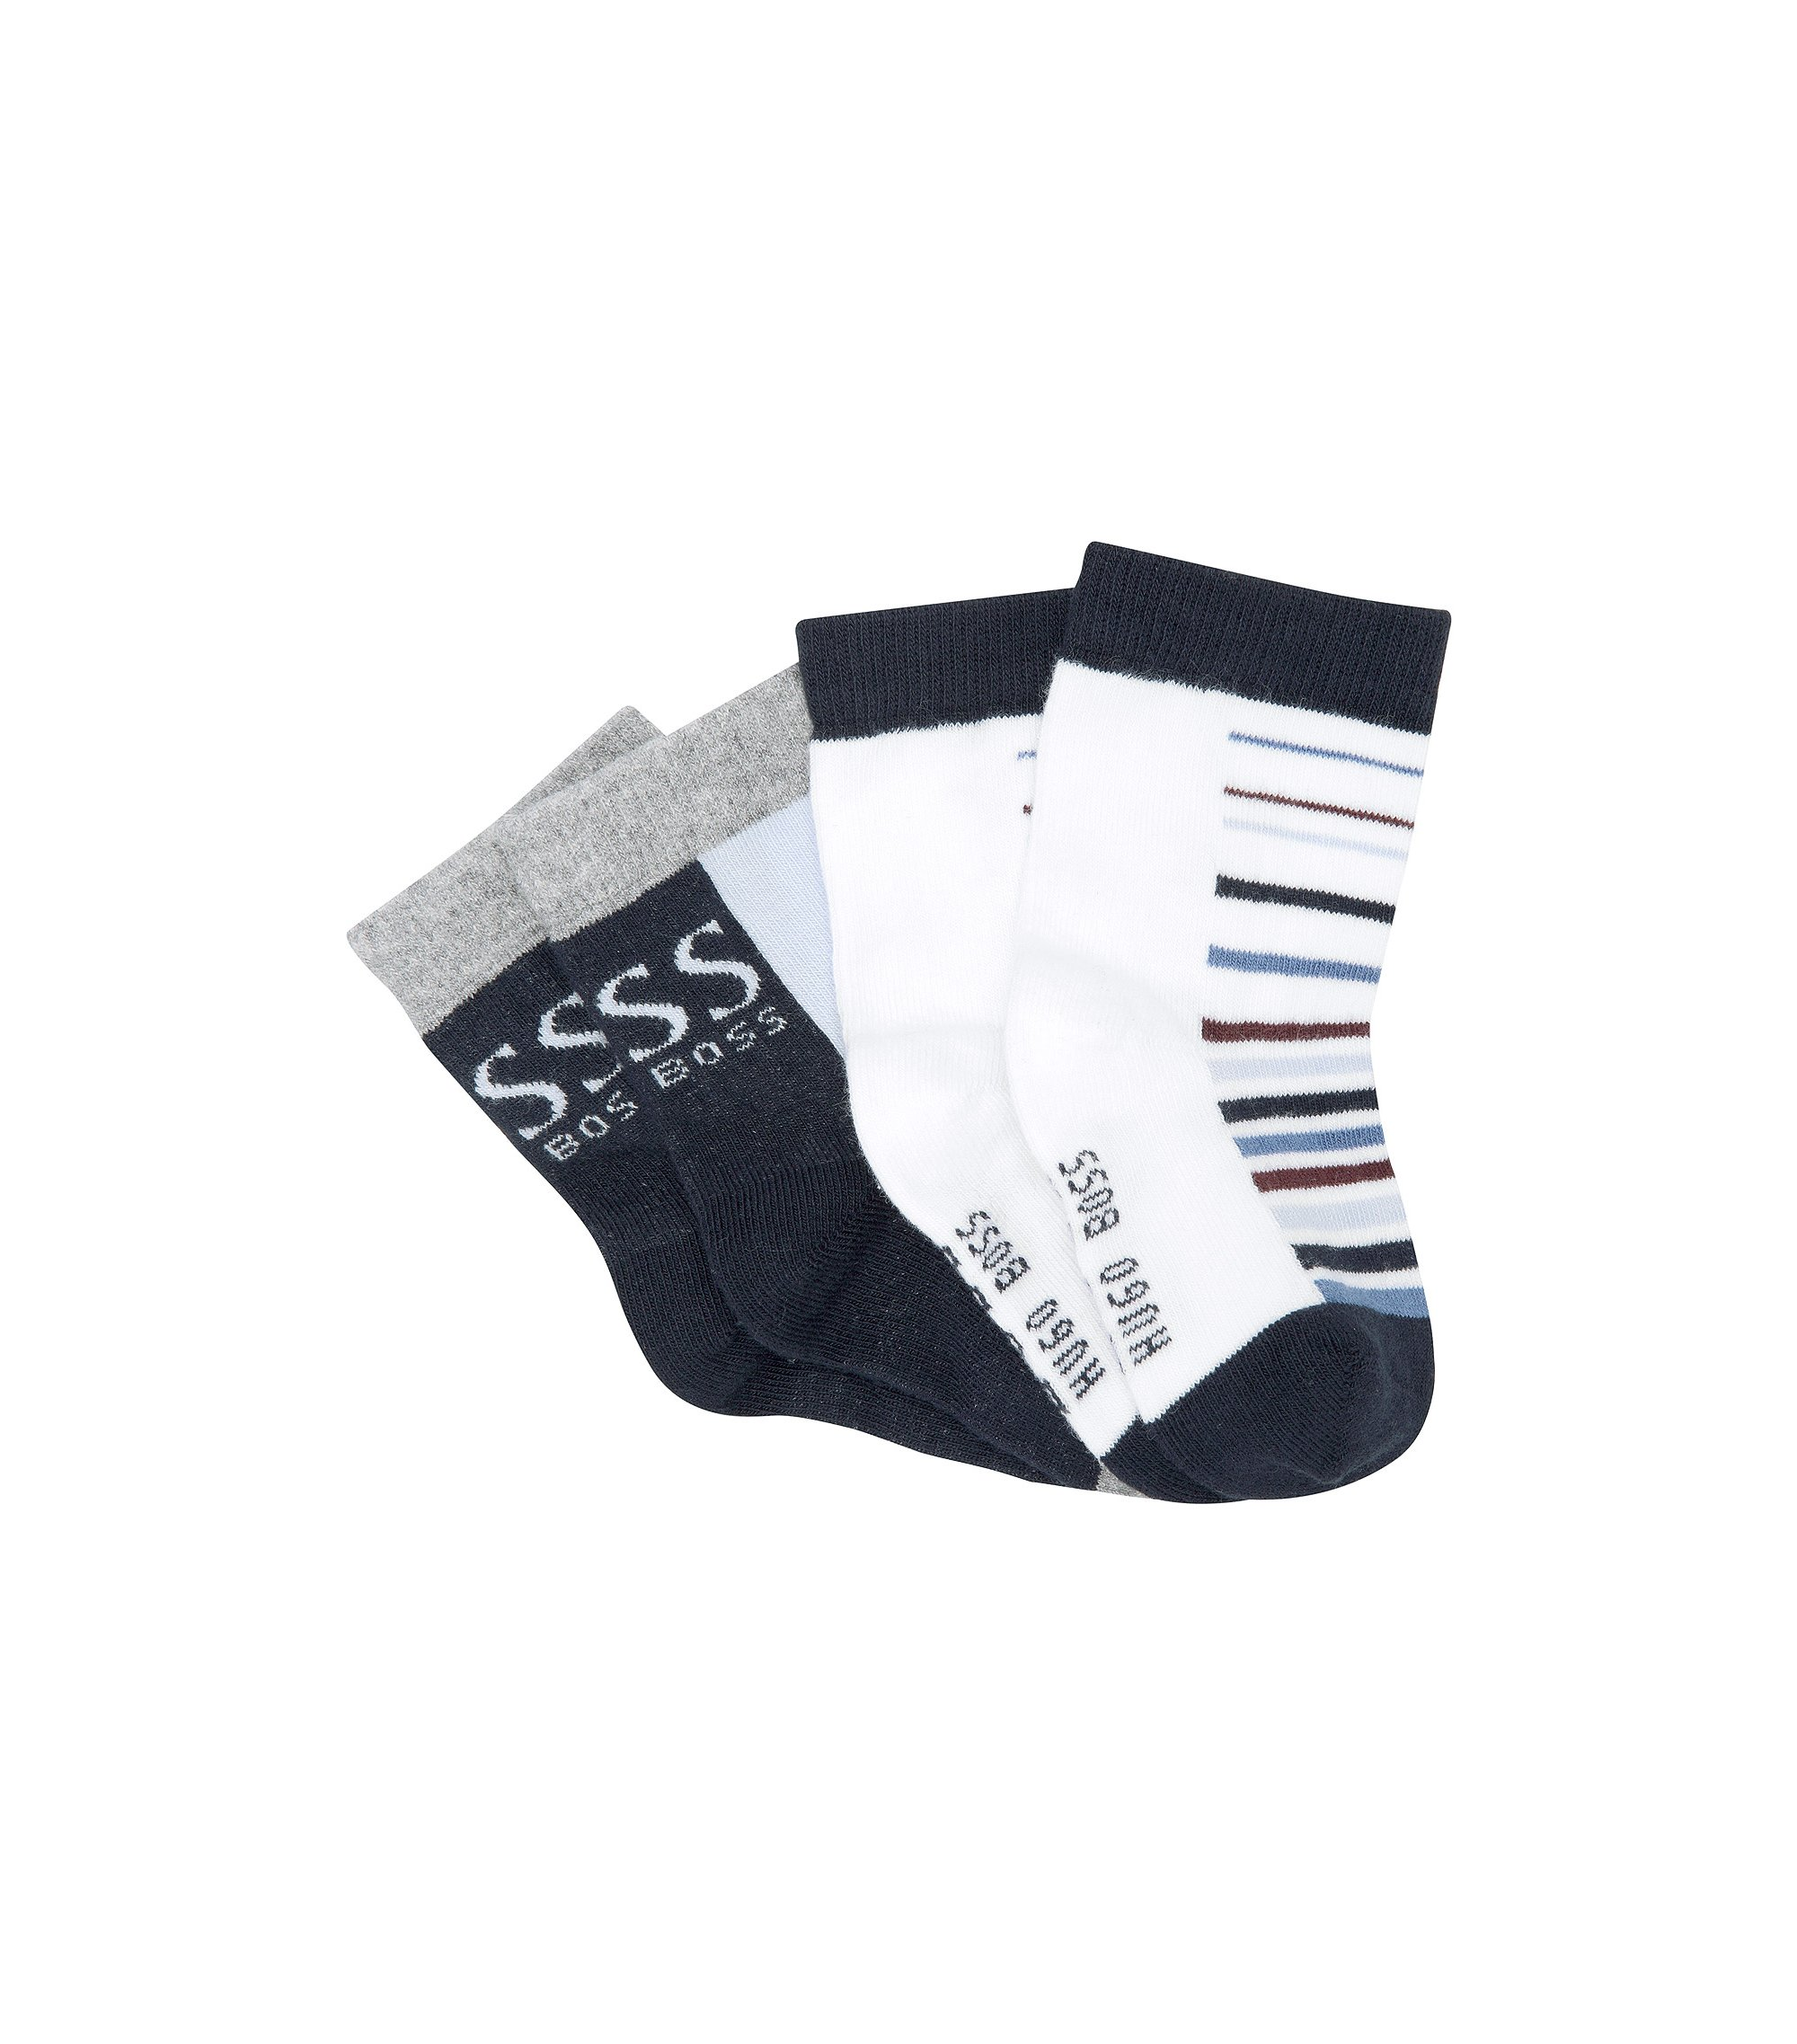 2er-Pack Kids-Socken ´J00050/862` aus Baumwoll-Mix, Dunkelblau